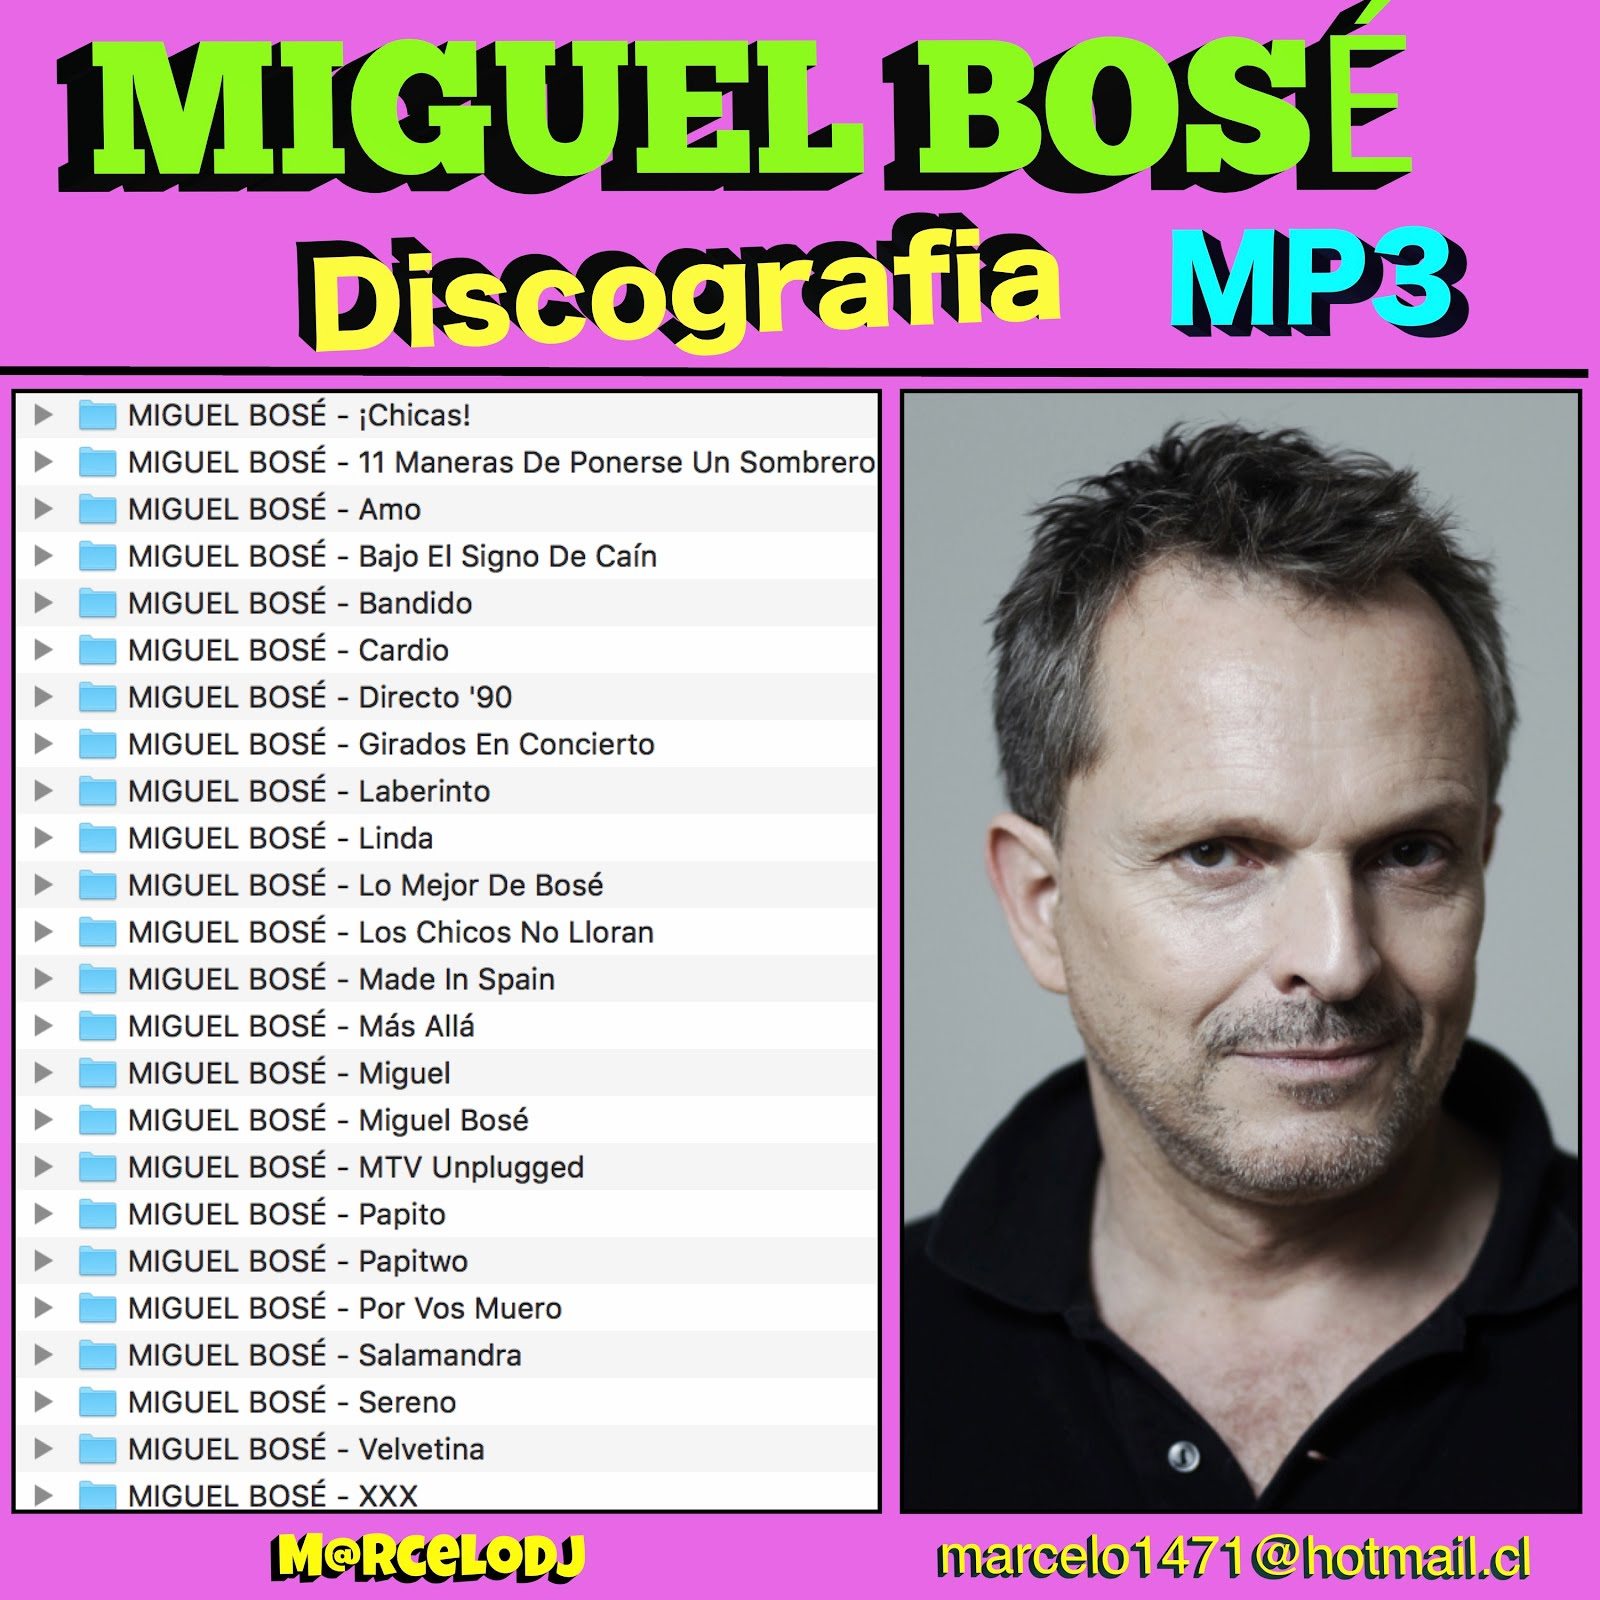 Discografía De Miguel Bosé